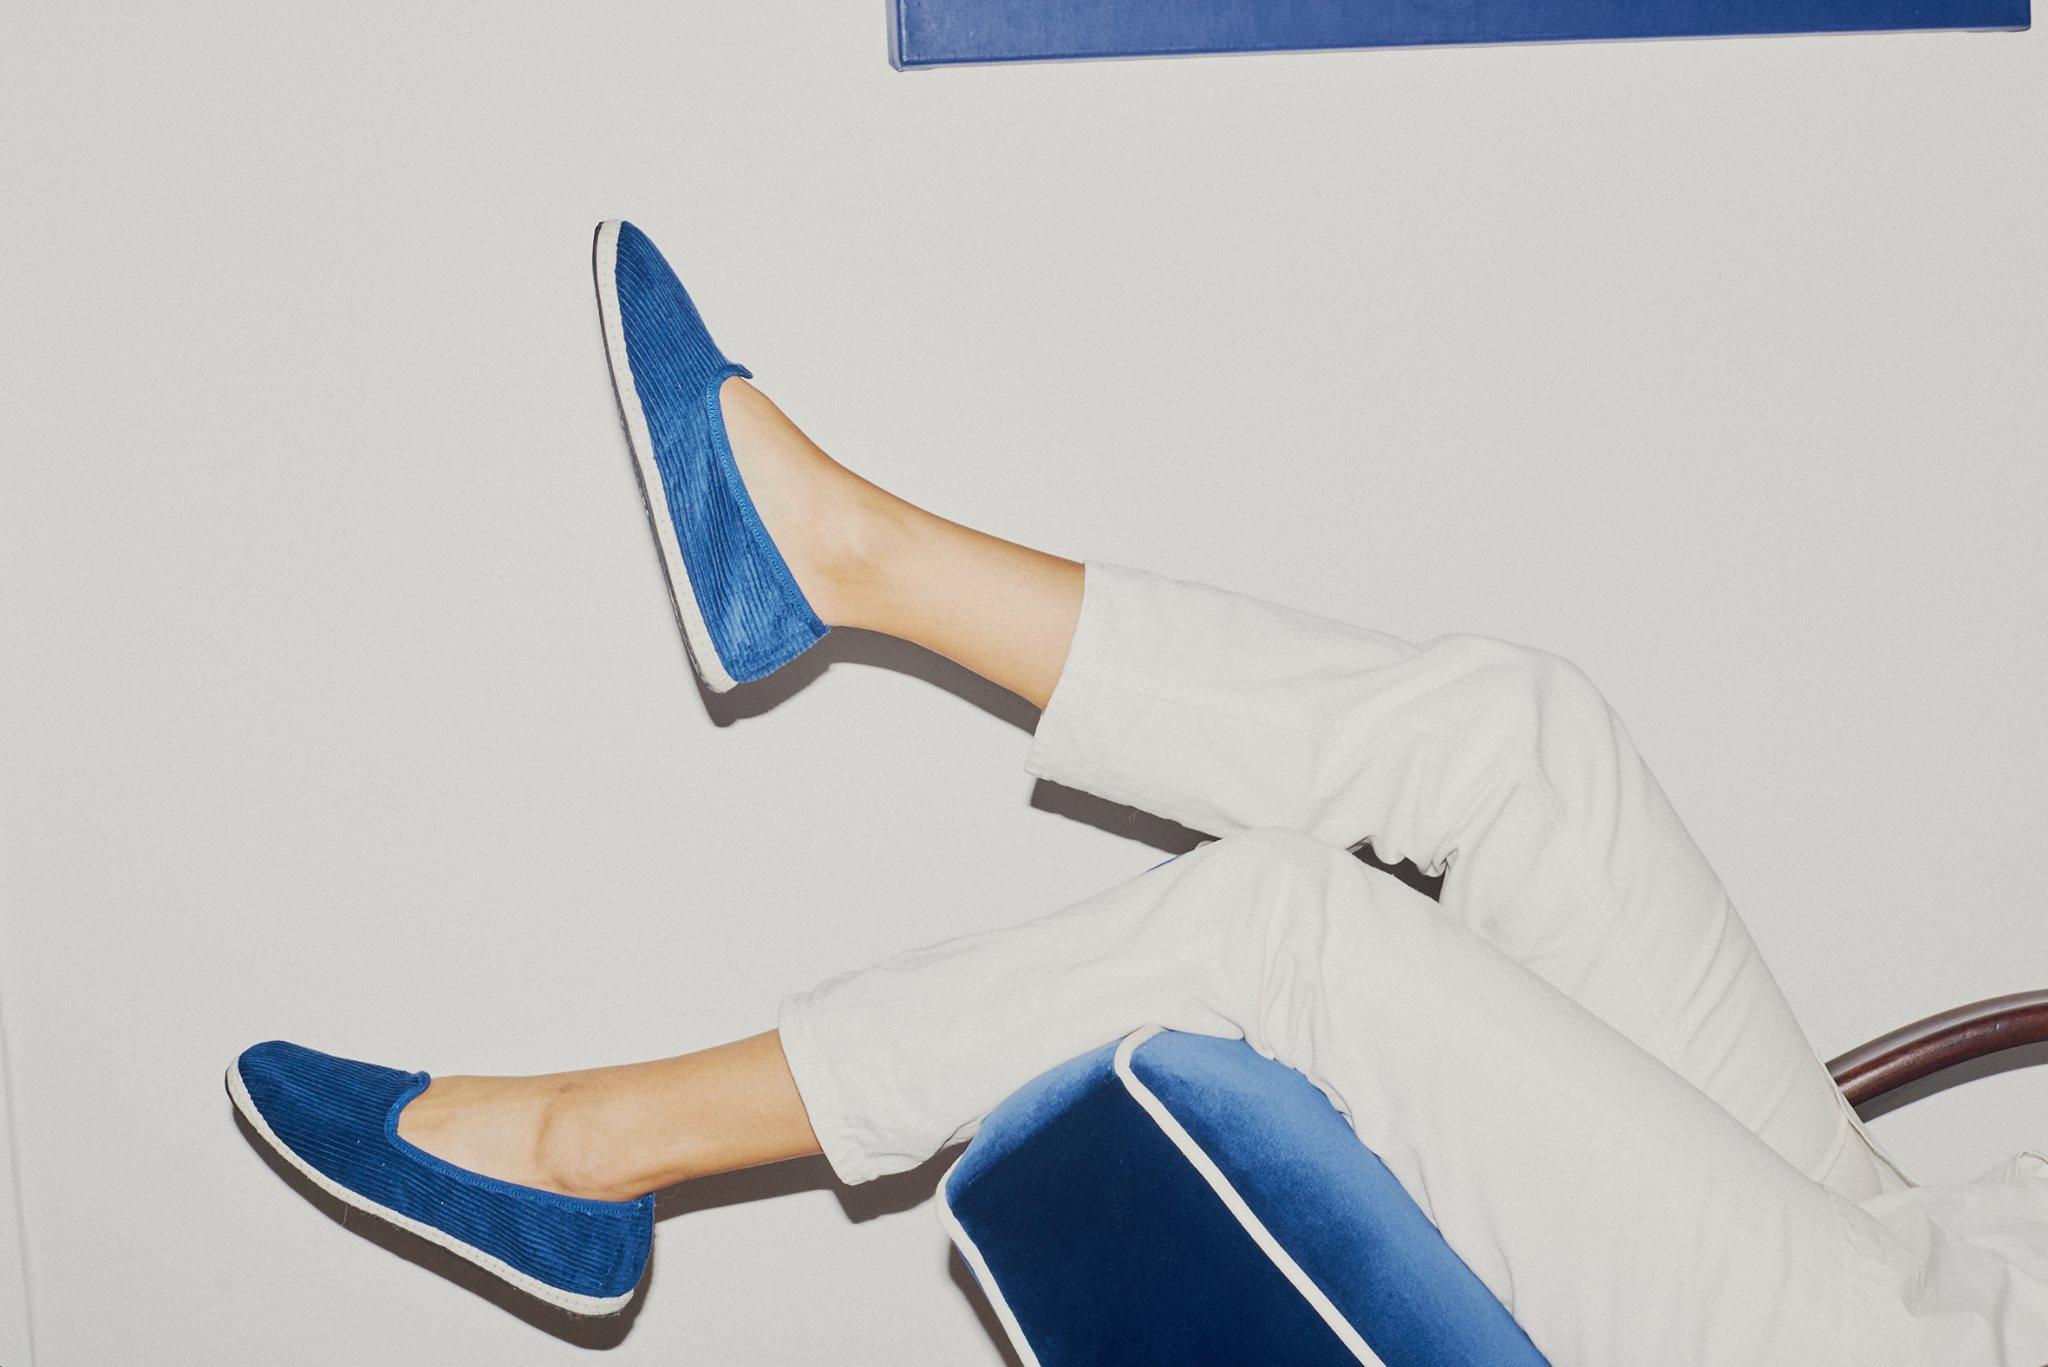 EVENTO: LAC in Fioreria - LAC sta per Limited Artisanal Collections: significa un approccio più lento alla moda che da un nuovo valore alle tradizioni.L'edizione #1 consiste in un progetto di slippers in 10 colori di velluto a coste, rivisitazione delle tradizionali scarpe friulane. In occasione di Amo il Lino verrà presentata una special edition in lino. Tutte le scarpe sono fatte a mano, utilizzando ruote di bici riciclate come suole: ogni paio è unico essendo realizzato in modo completamente artigianale. La produzione limitata e la manifattura manuale assicurano la qualità del prodotto e il minimo impatto ambientaleSi ringraziano: Birra del Borgo, Cantina dei Colli Ripani, Pastiglie Leone e Modalità Demodè